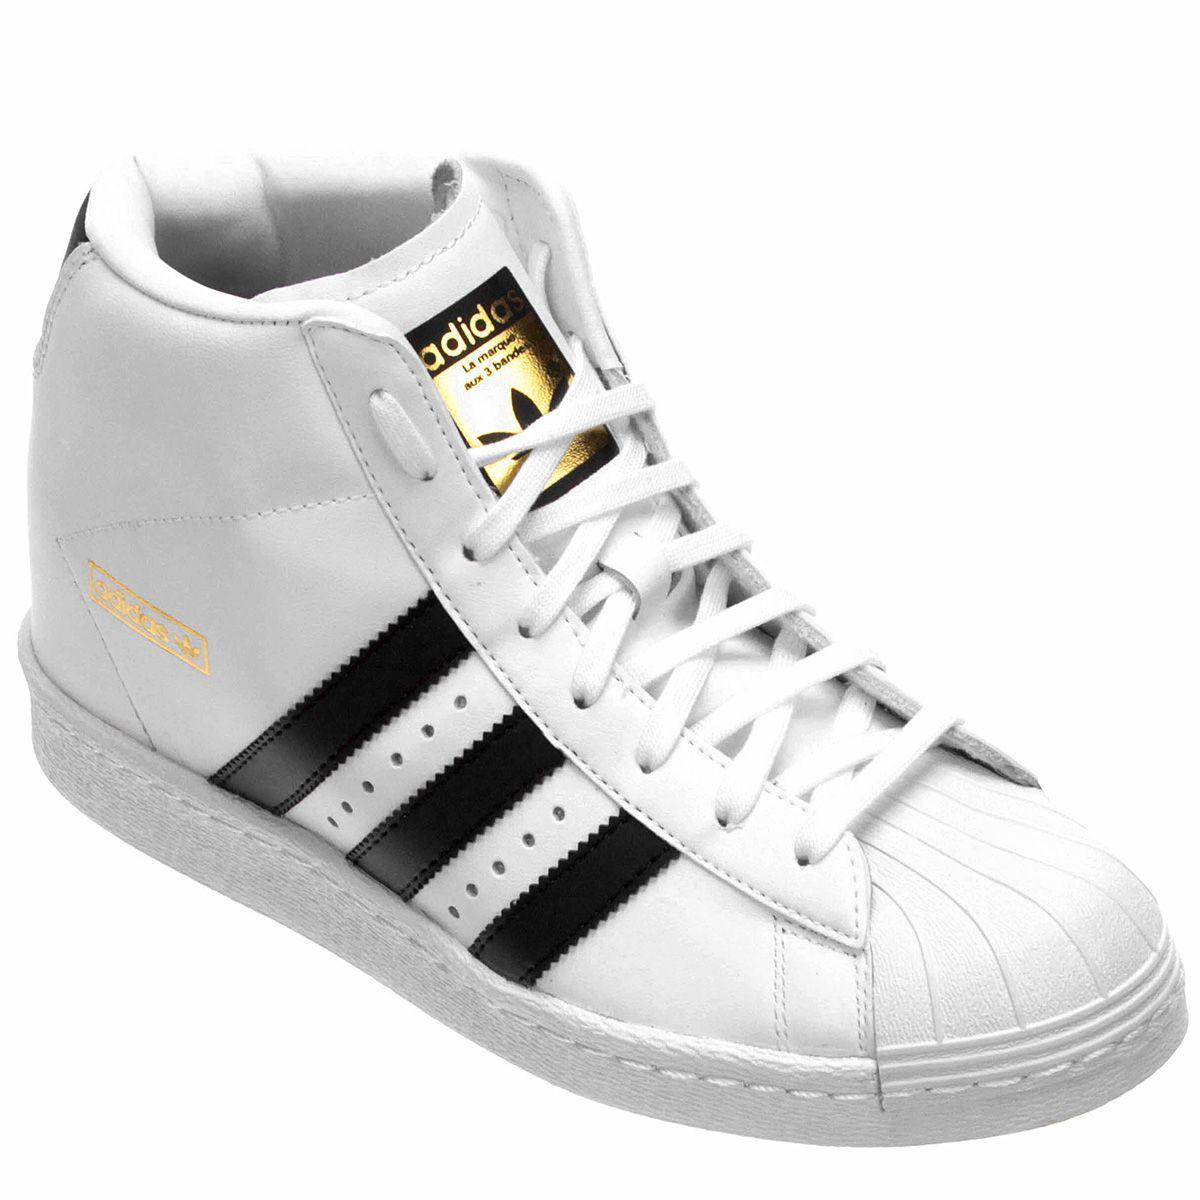 Tênis Adidas Star UP - Branco e Preto